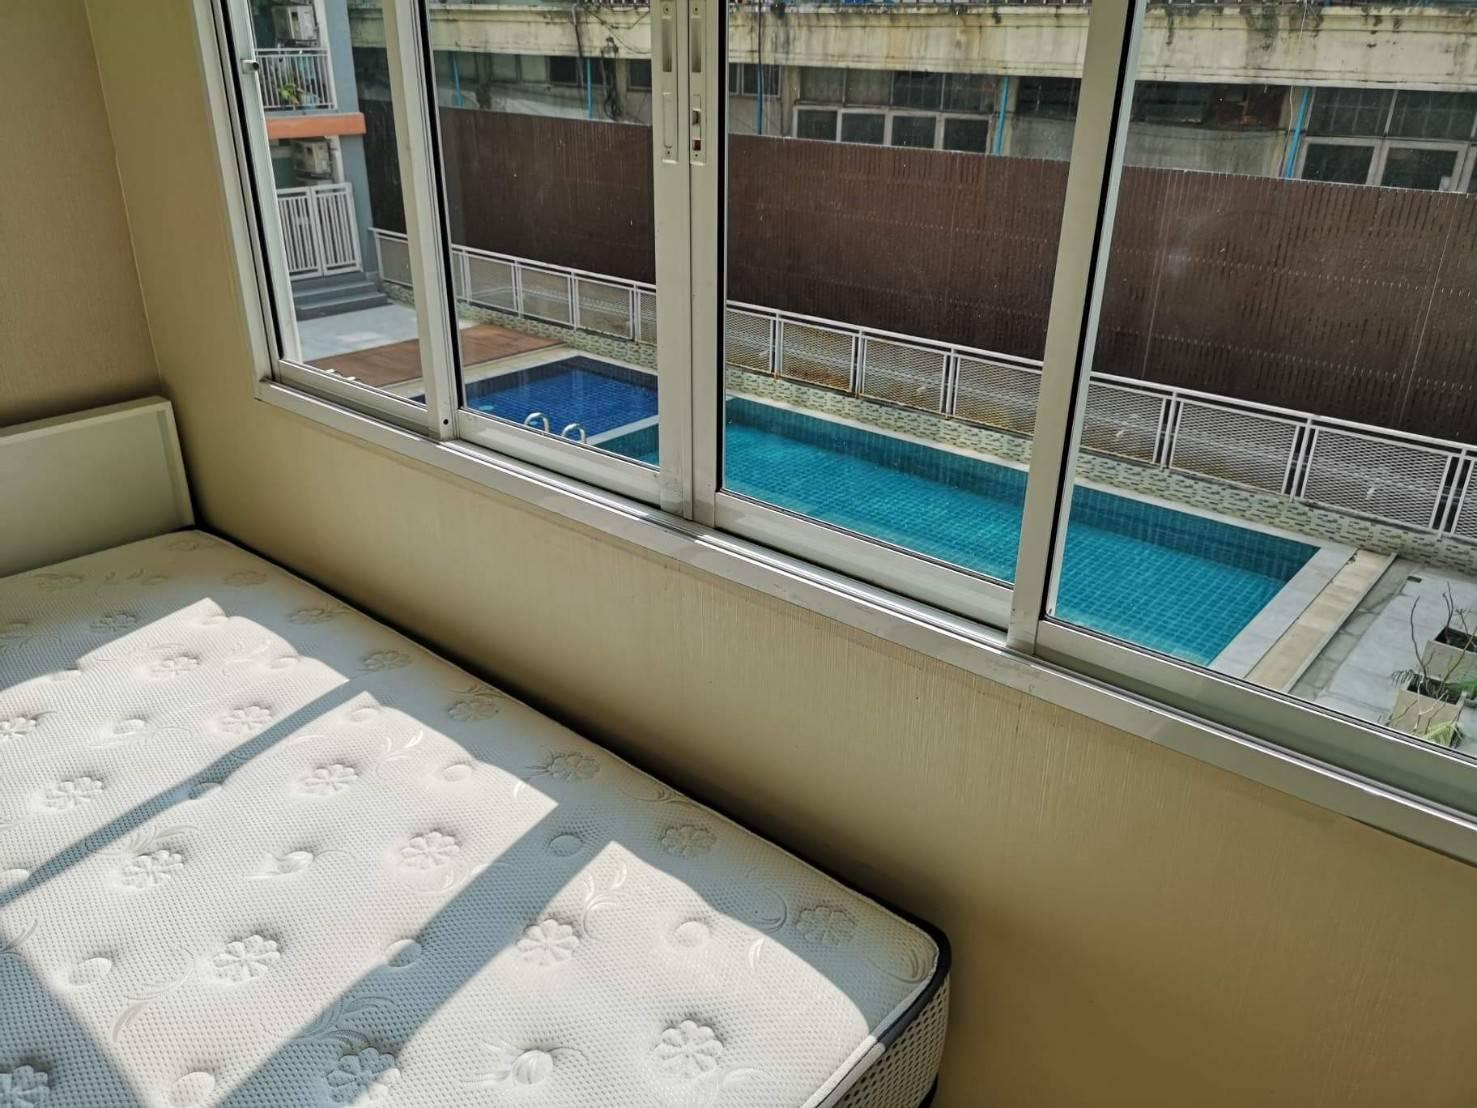 ขาย คอนโด The Maple รัชดา-ลาดพร้าว ใกล้รถไฟฟ้า MRT รัชดา วิวสระว่ายน้ำ